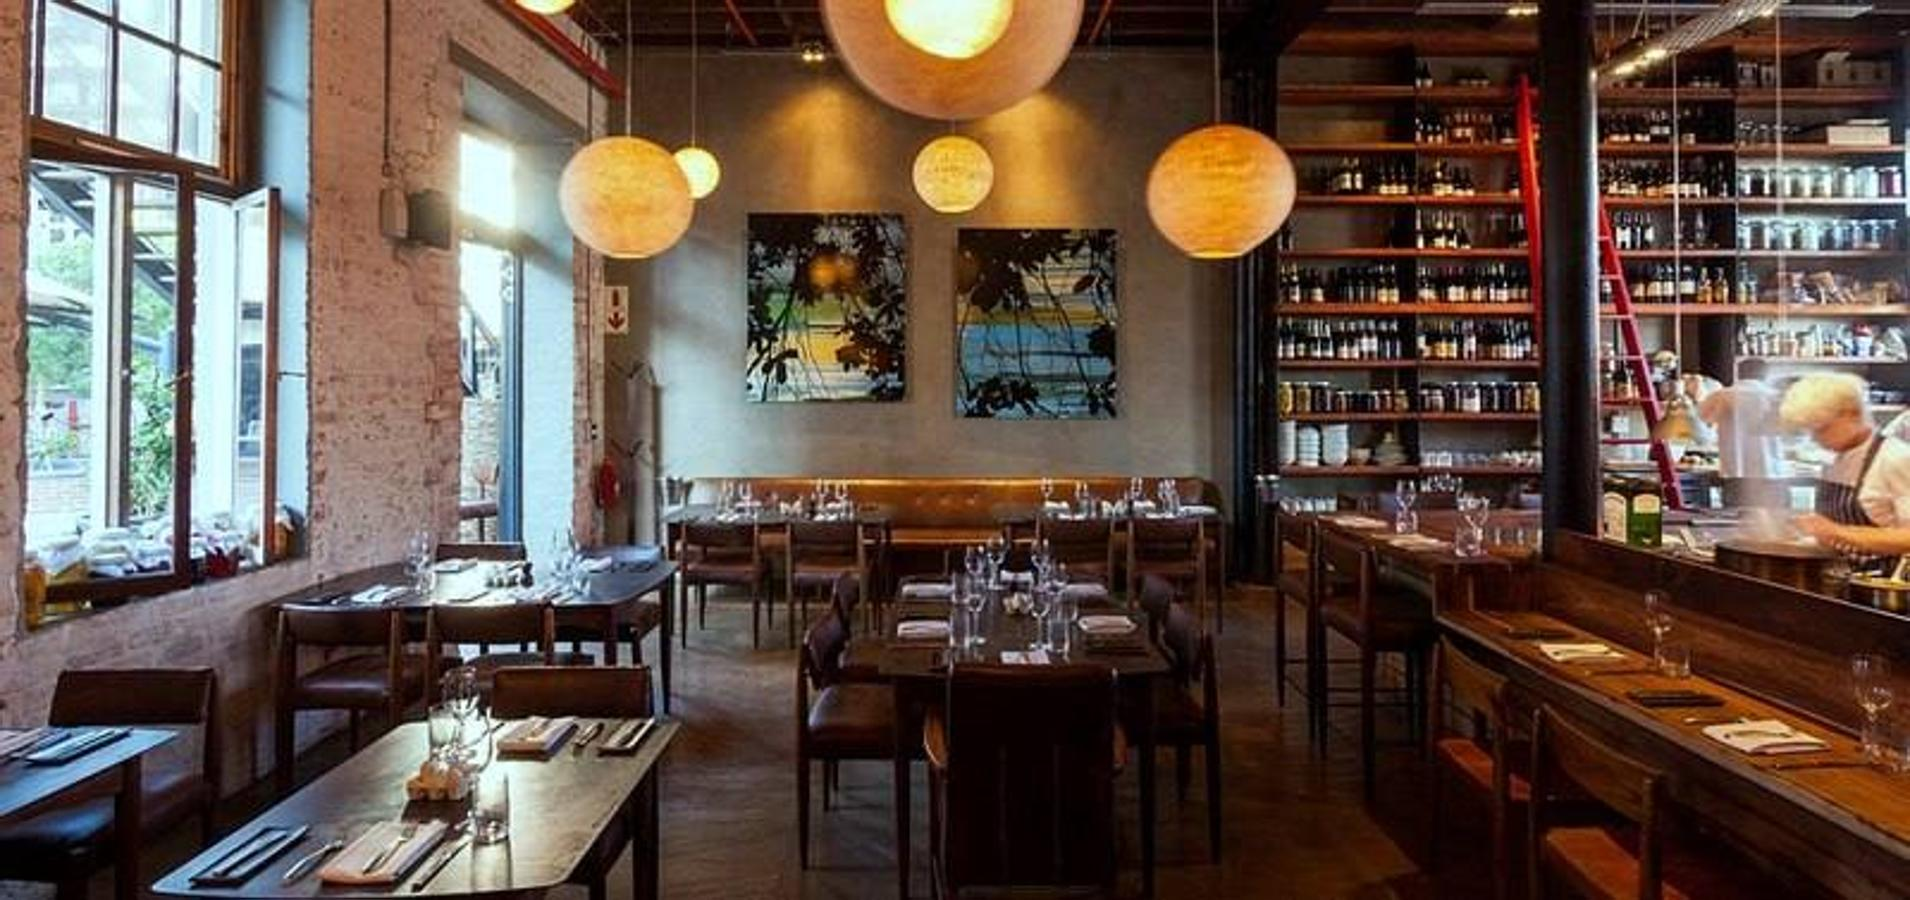 Fotos los 50 mejores restaurantes del mundo las provincias - Restaurante singapur valencia ...